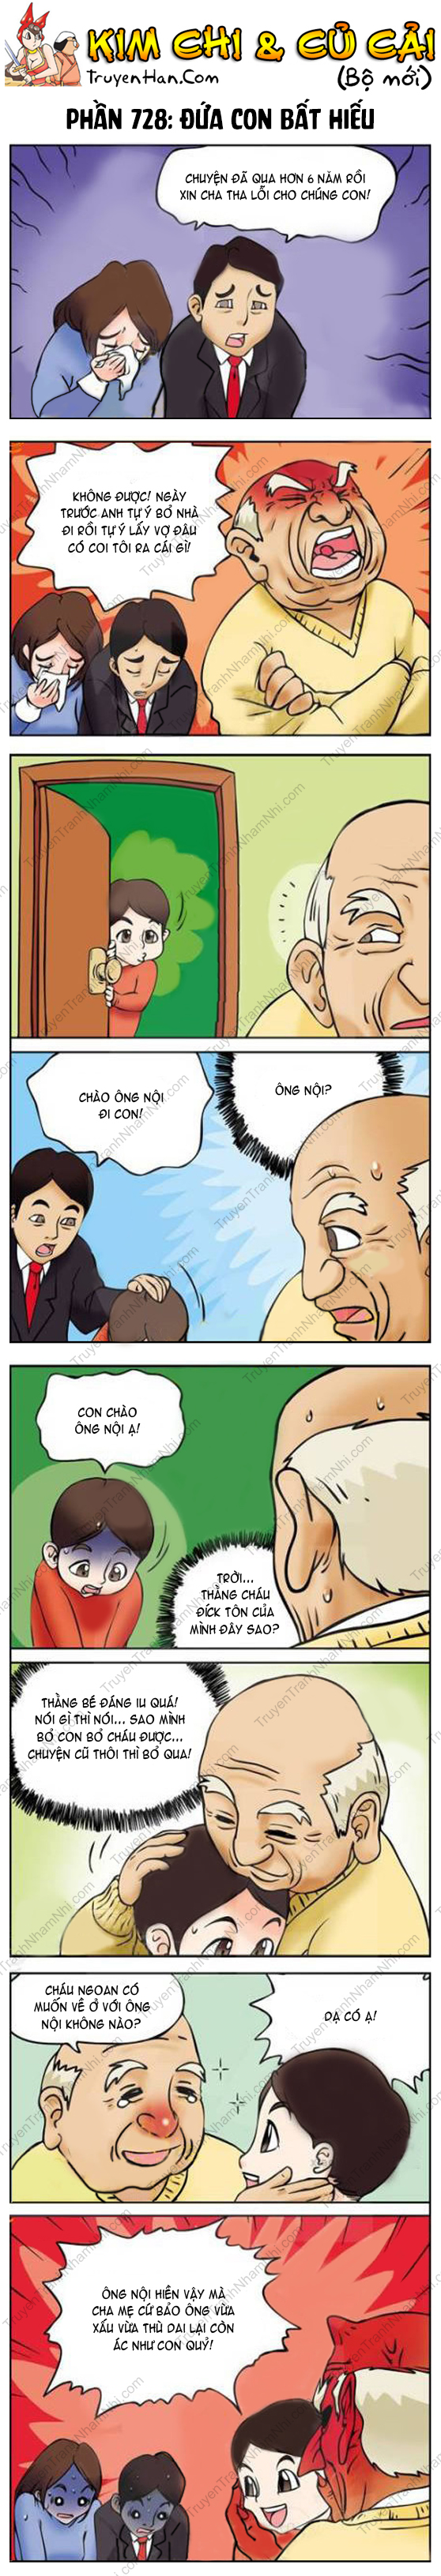 Kim Chi Và Củ Cải Phần 728: Đứa con bất hiếu